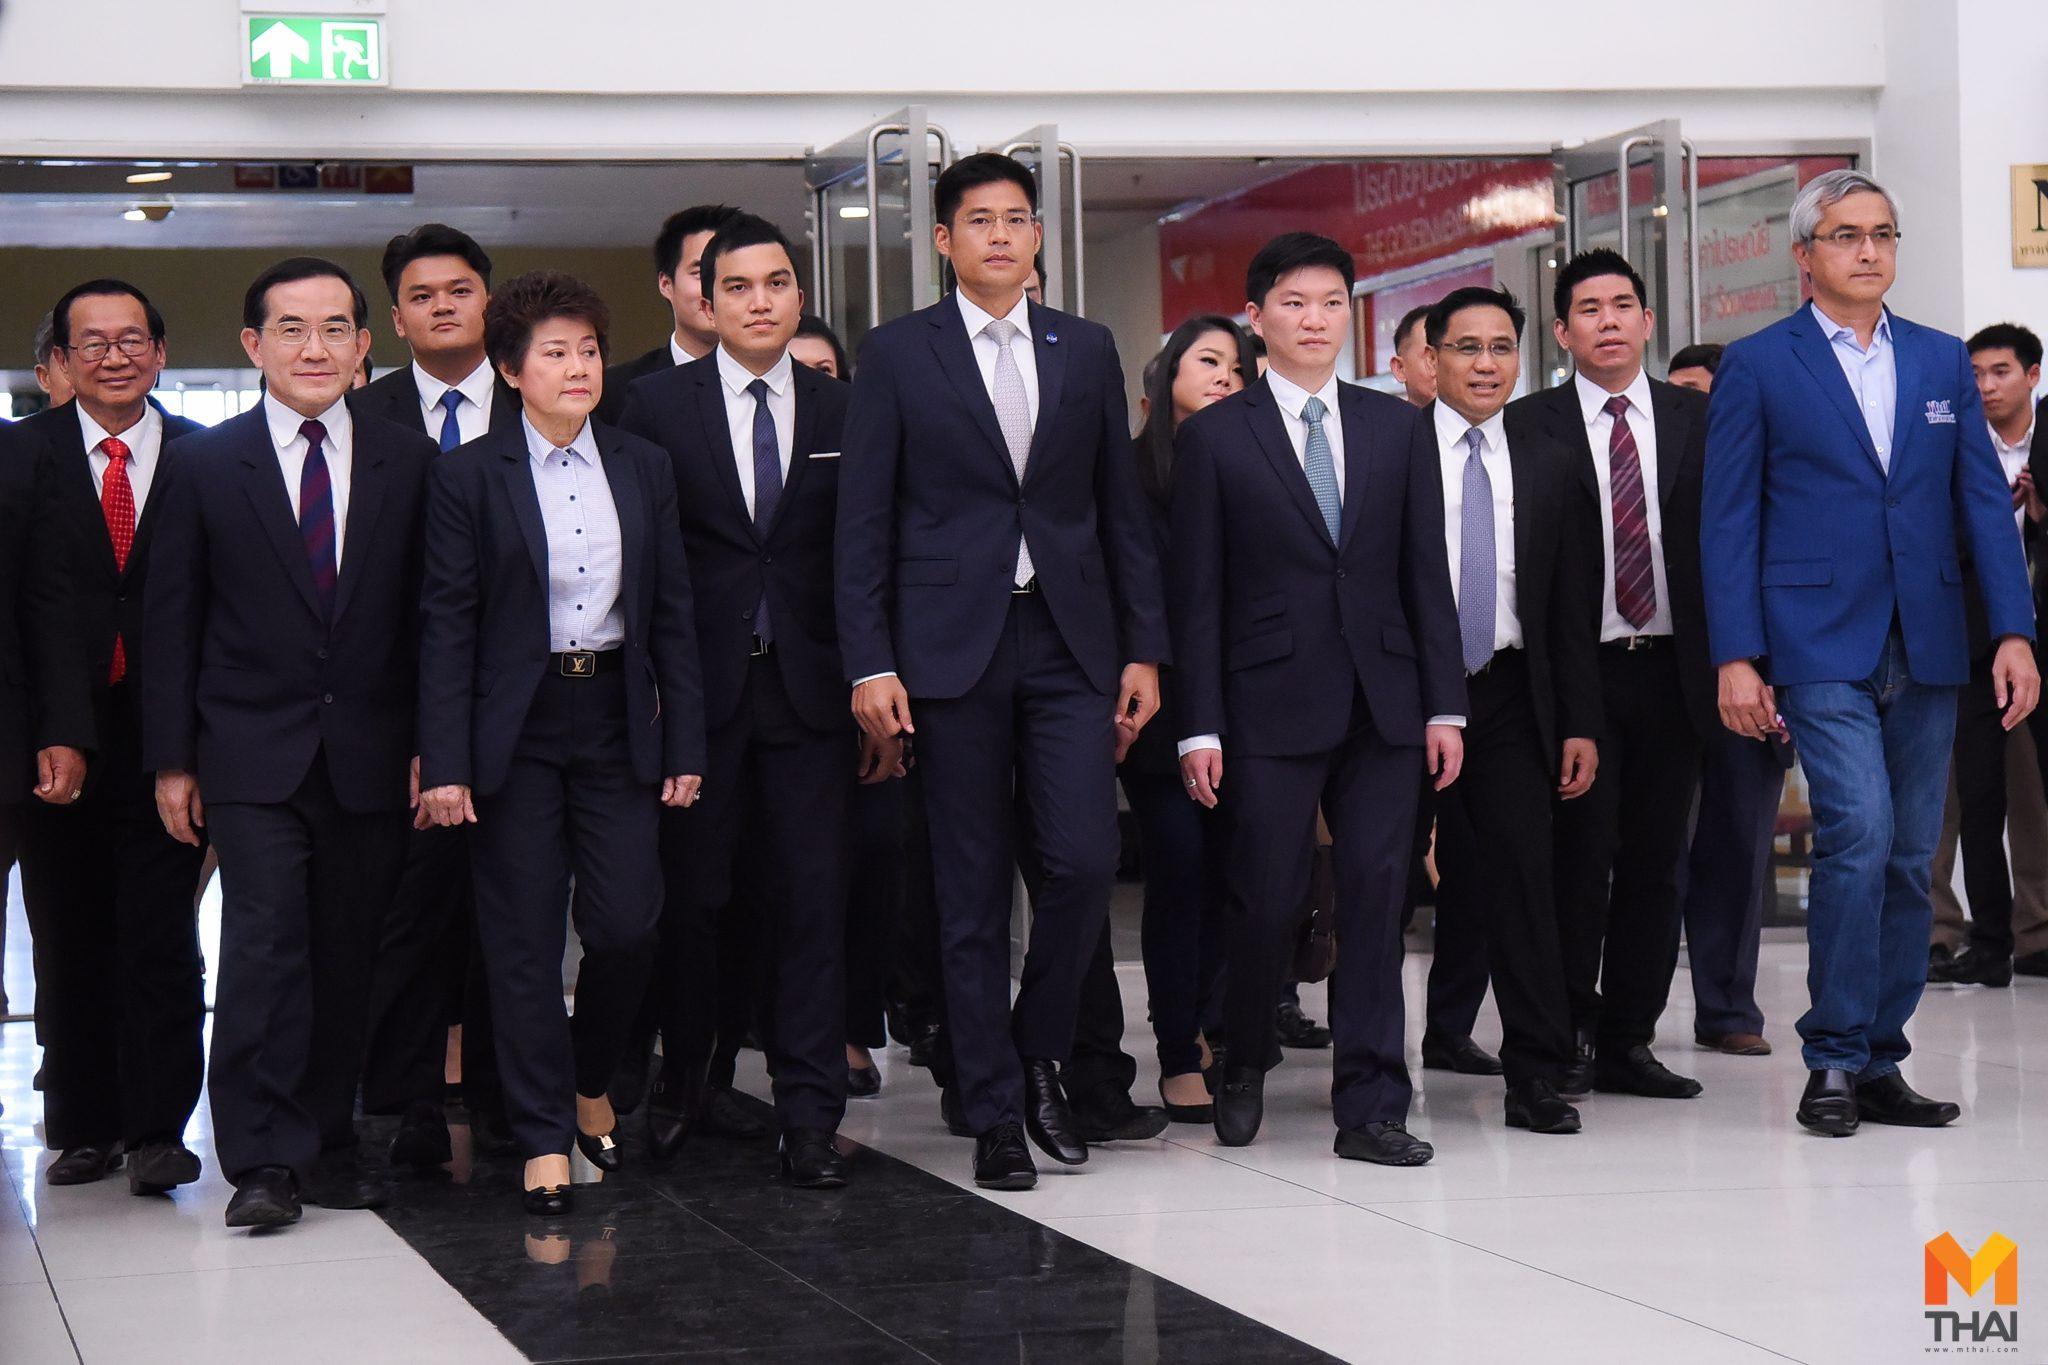 หัวหน้าพรรคไทยรักษาชาติ นำทีมเข้ารับฟังการพิจารณา ยุบ-ไม่ยุบ พรรค